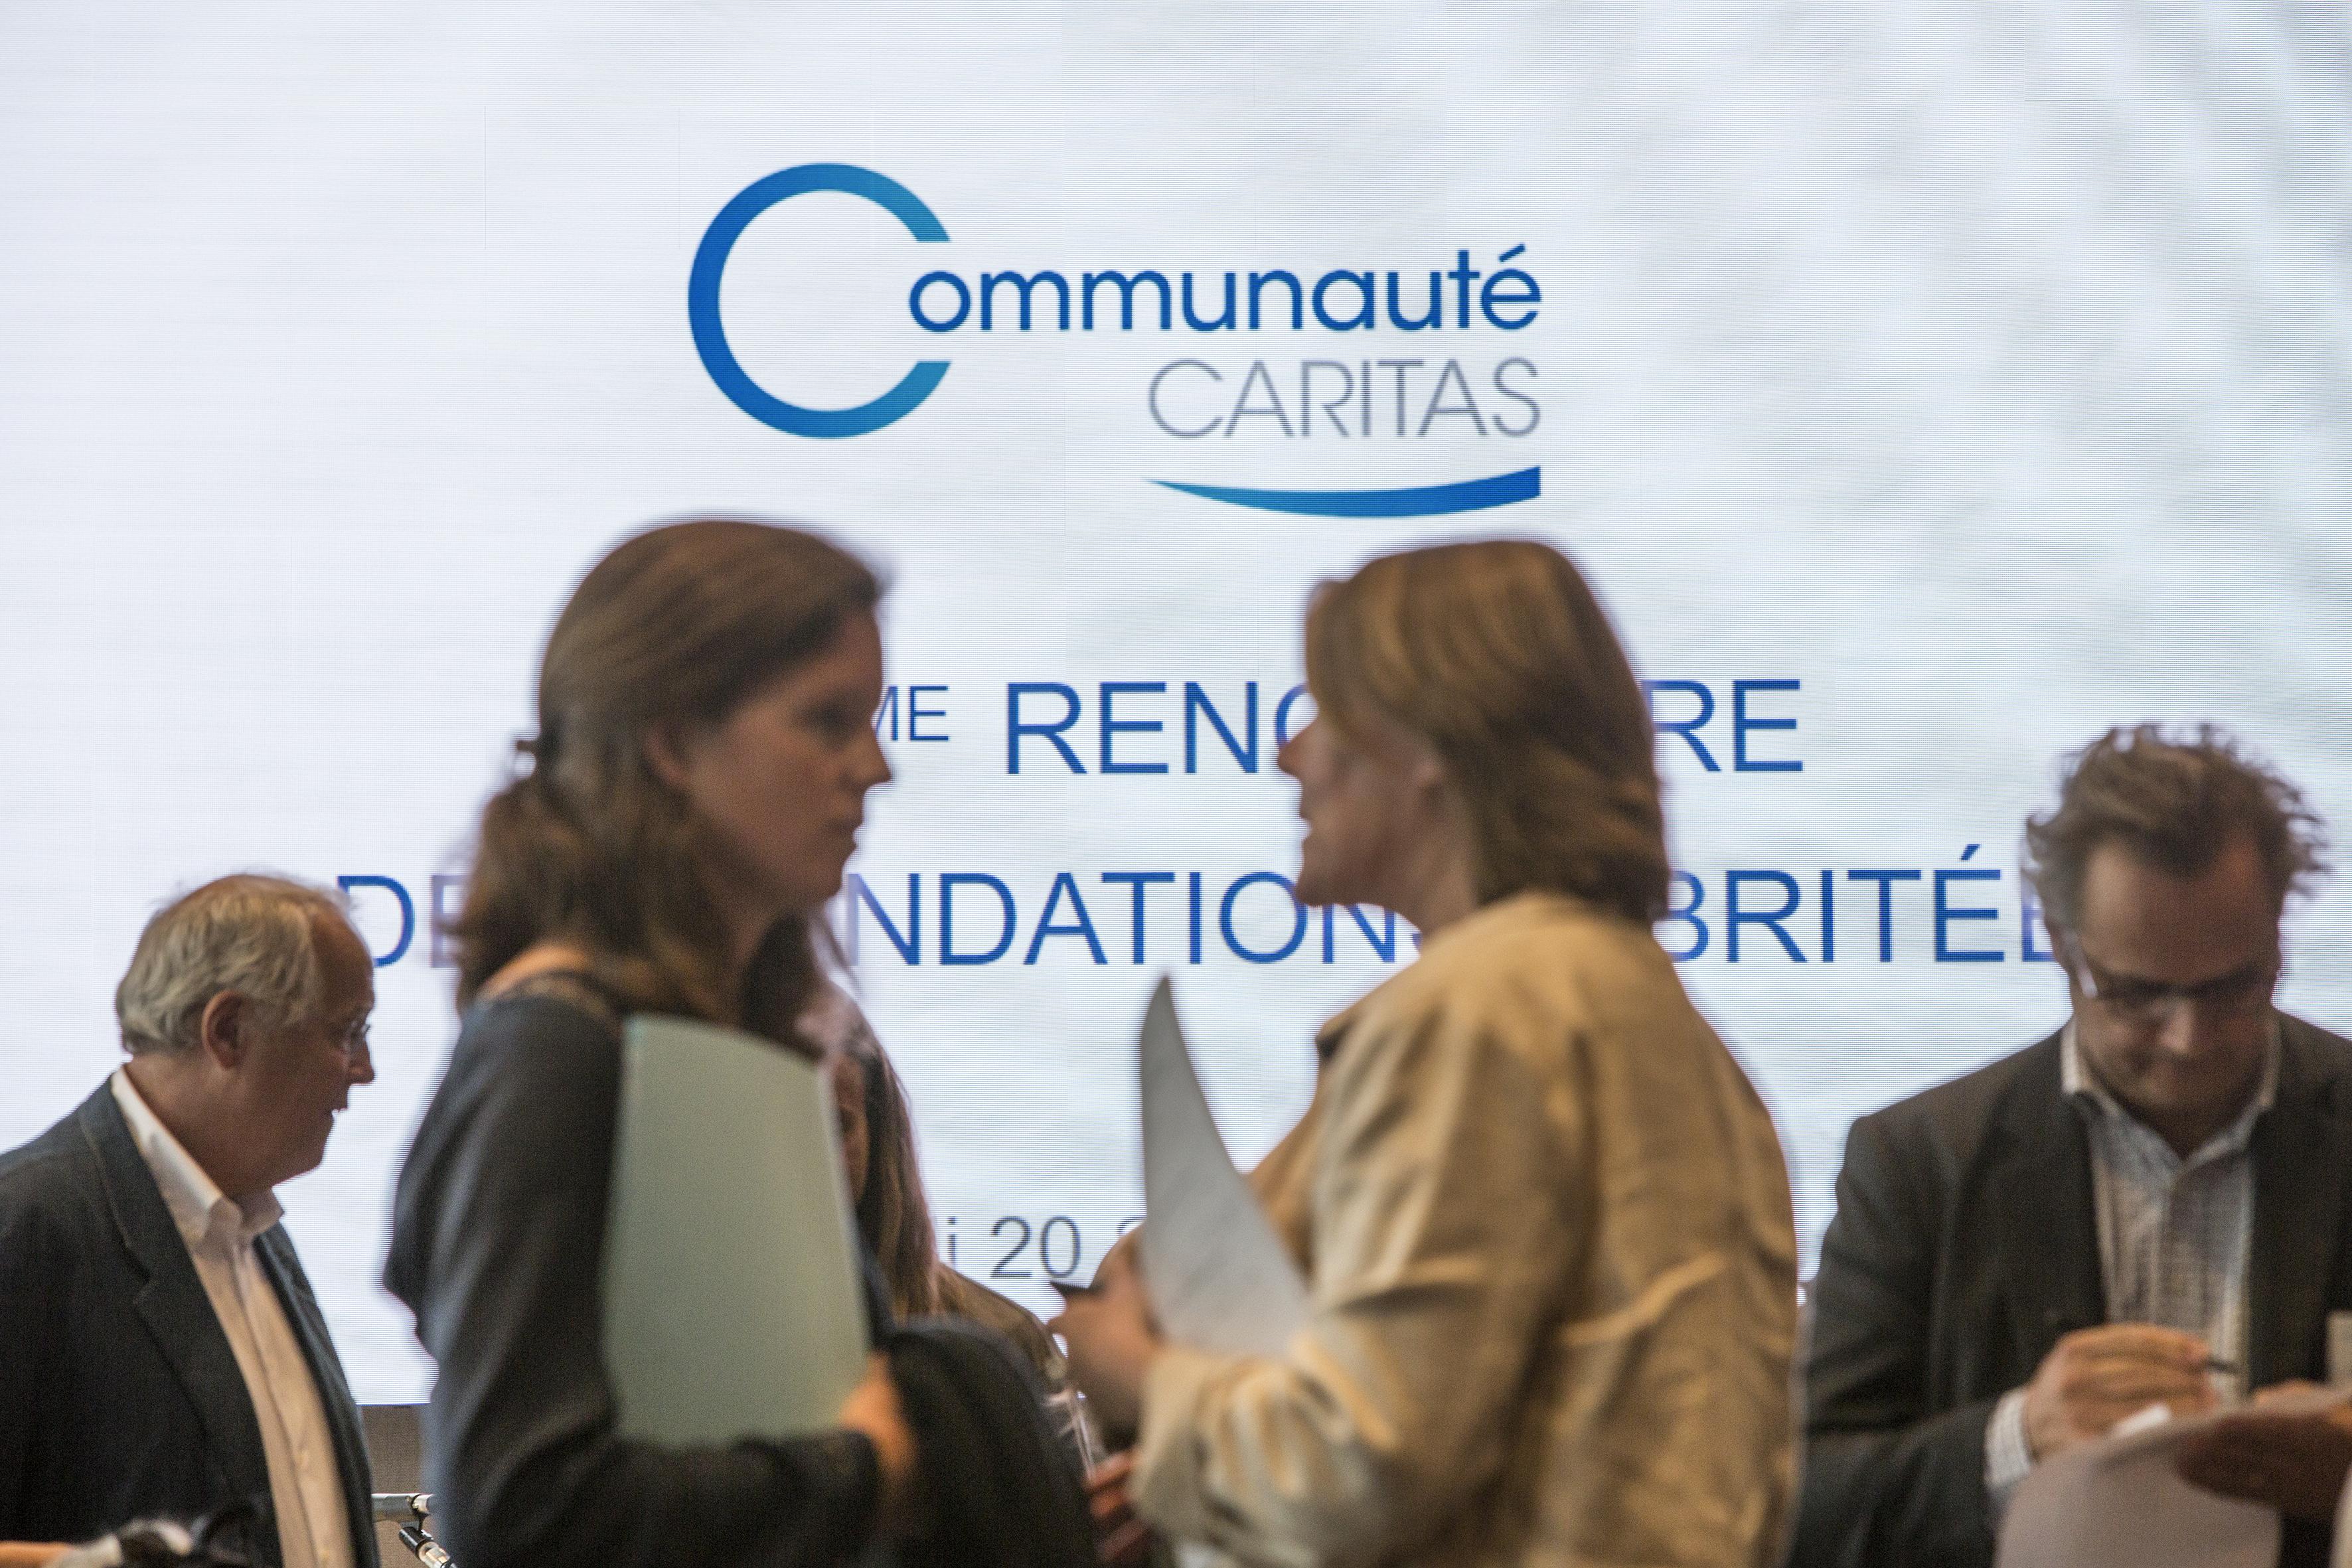 L'action des fondations familiales abritées sous l'égide de la Fondation Caritas France